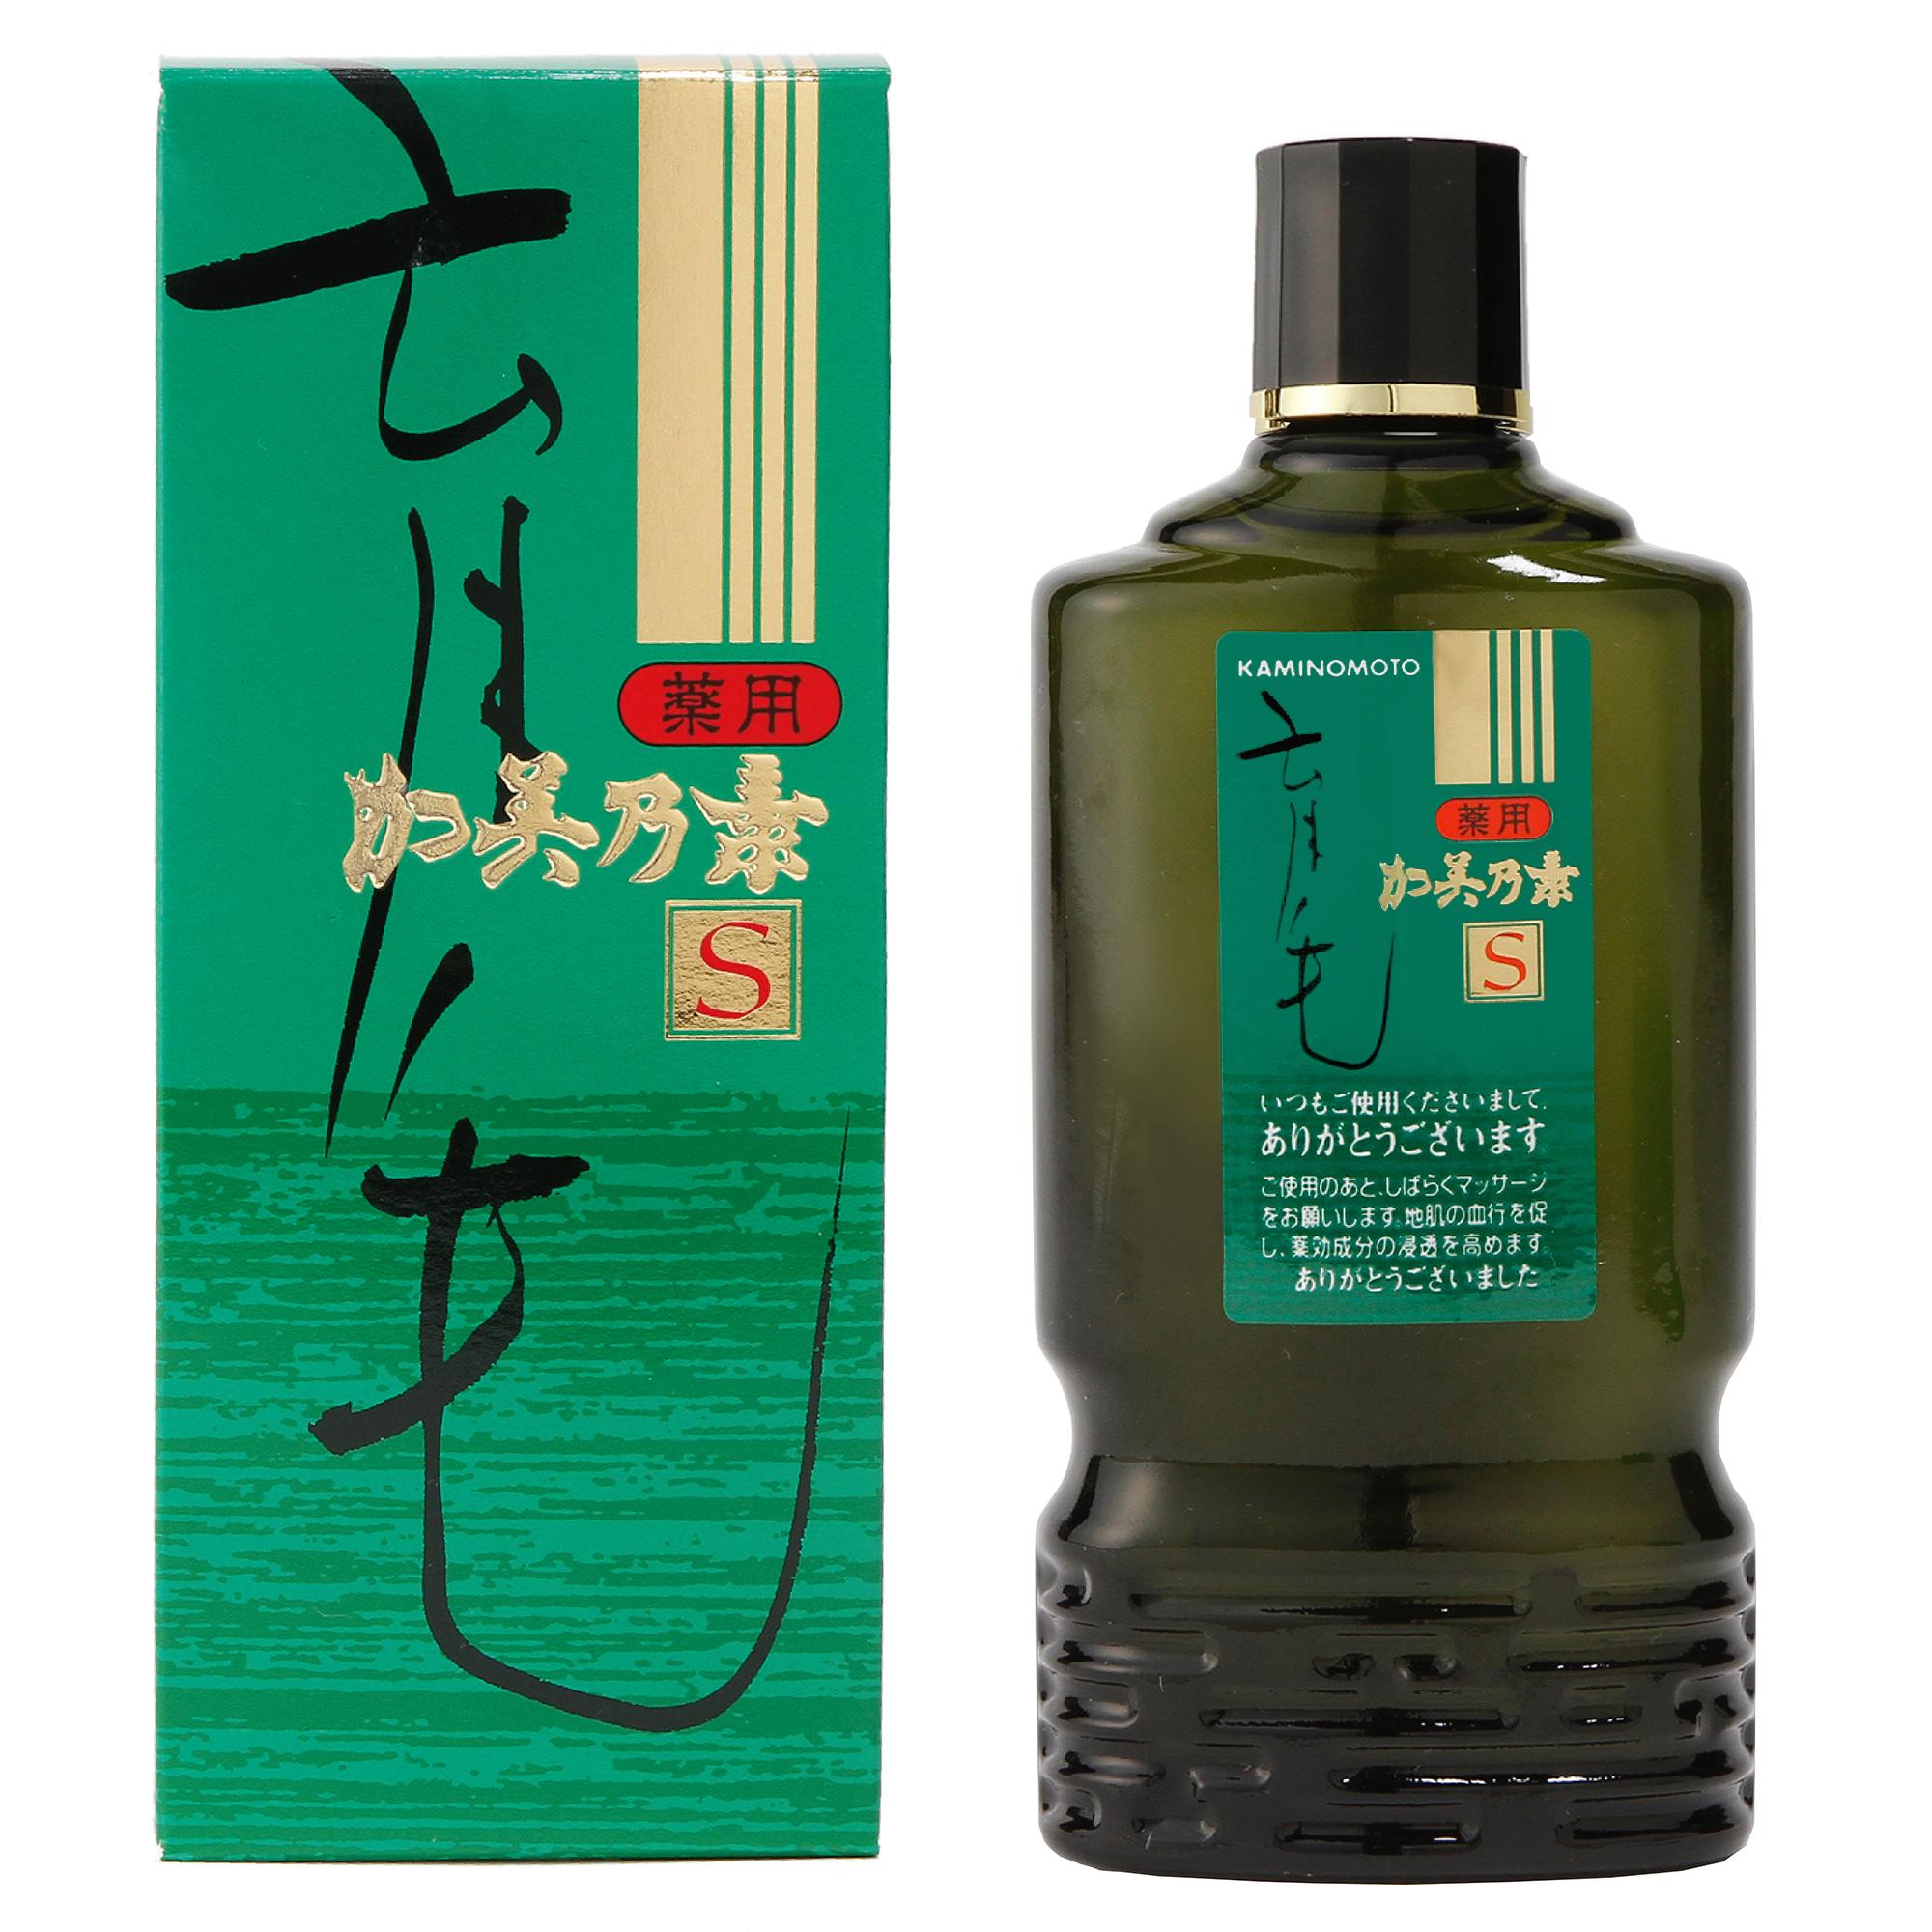 薬用加美乃素S グリーンフローラルの香り